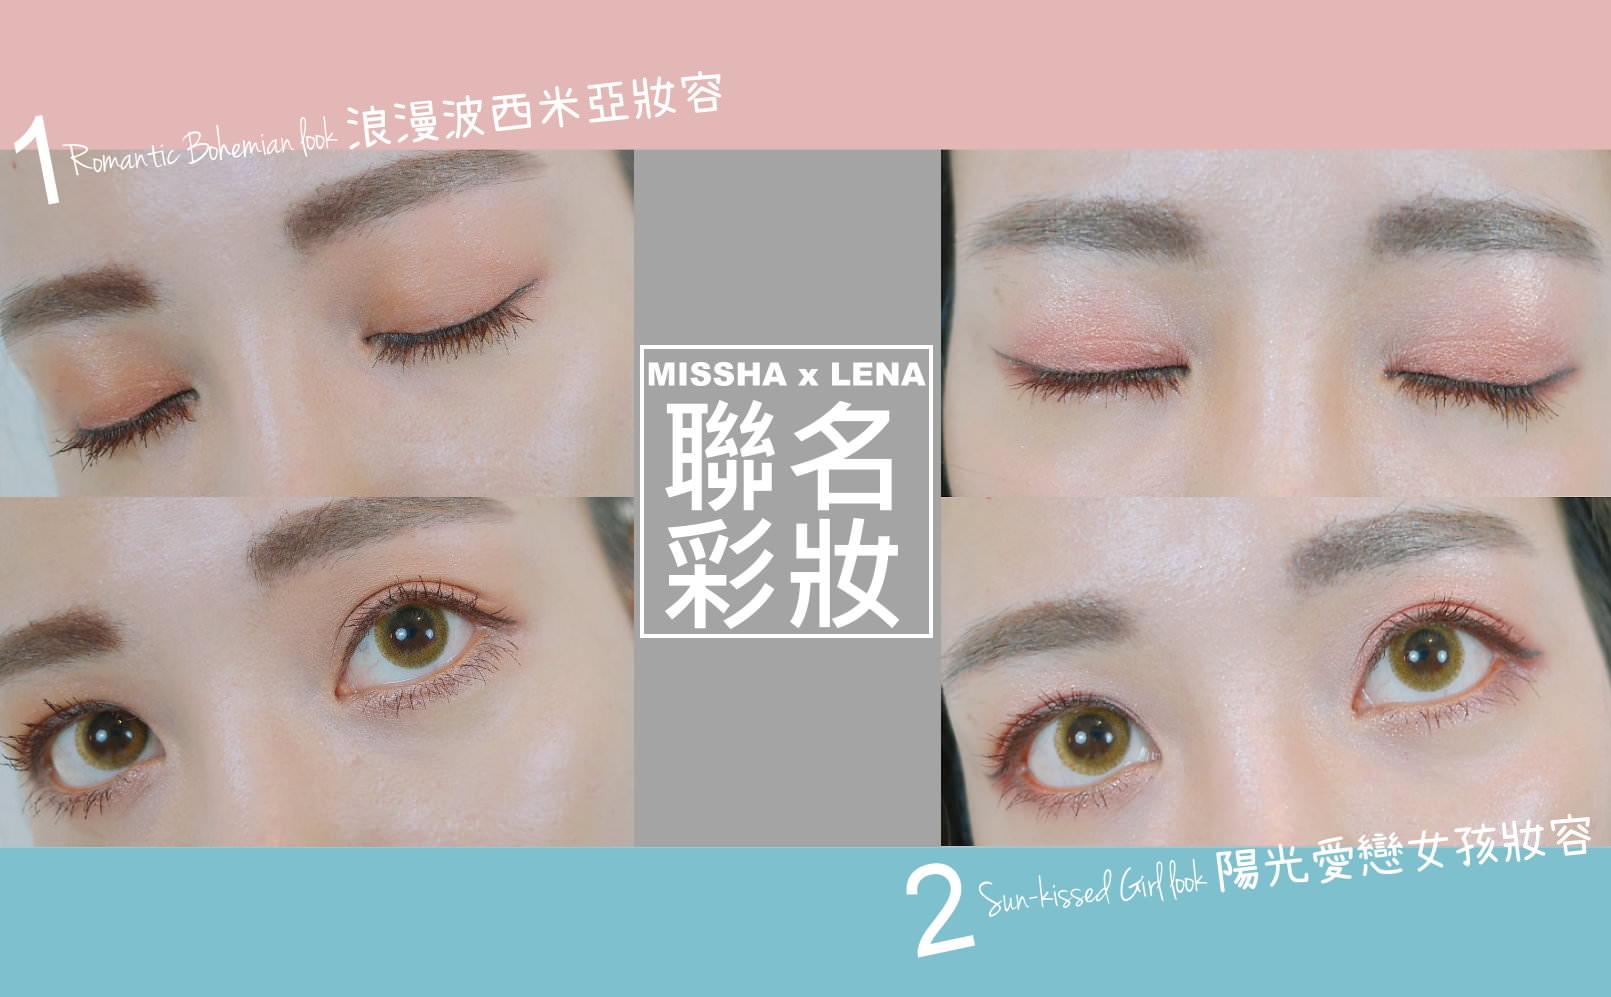 [美妝] MISSHA x LENA獨家聯名彩妝♥一次打造兩種不同風格的妳!